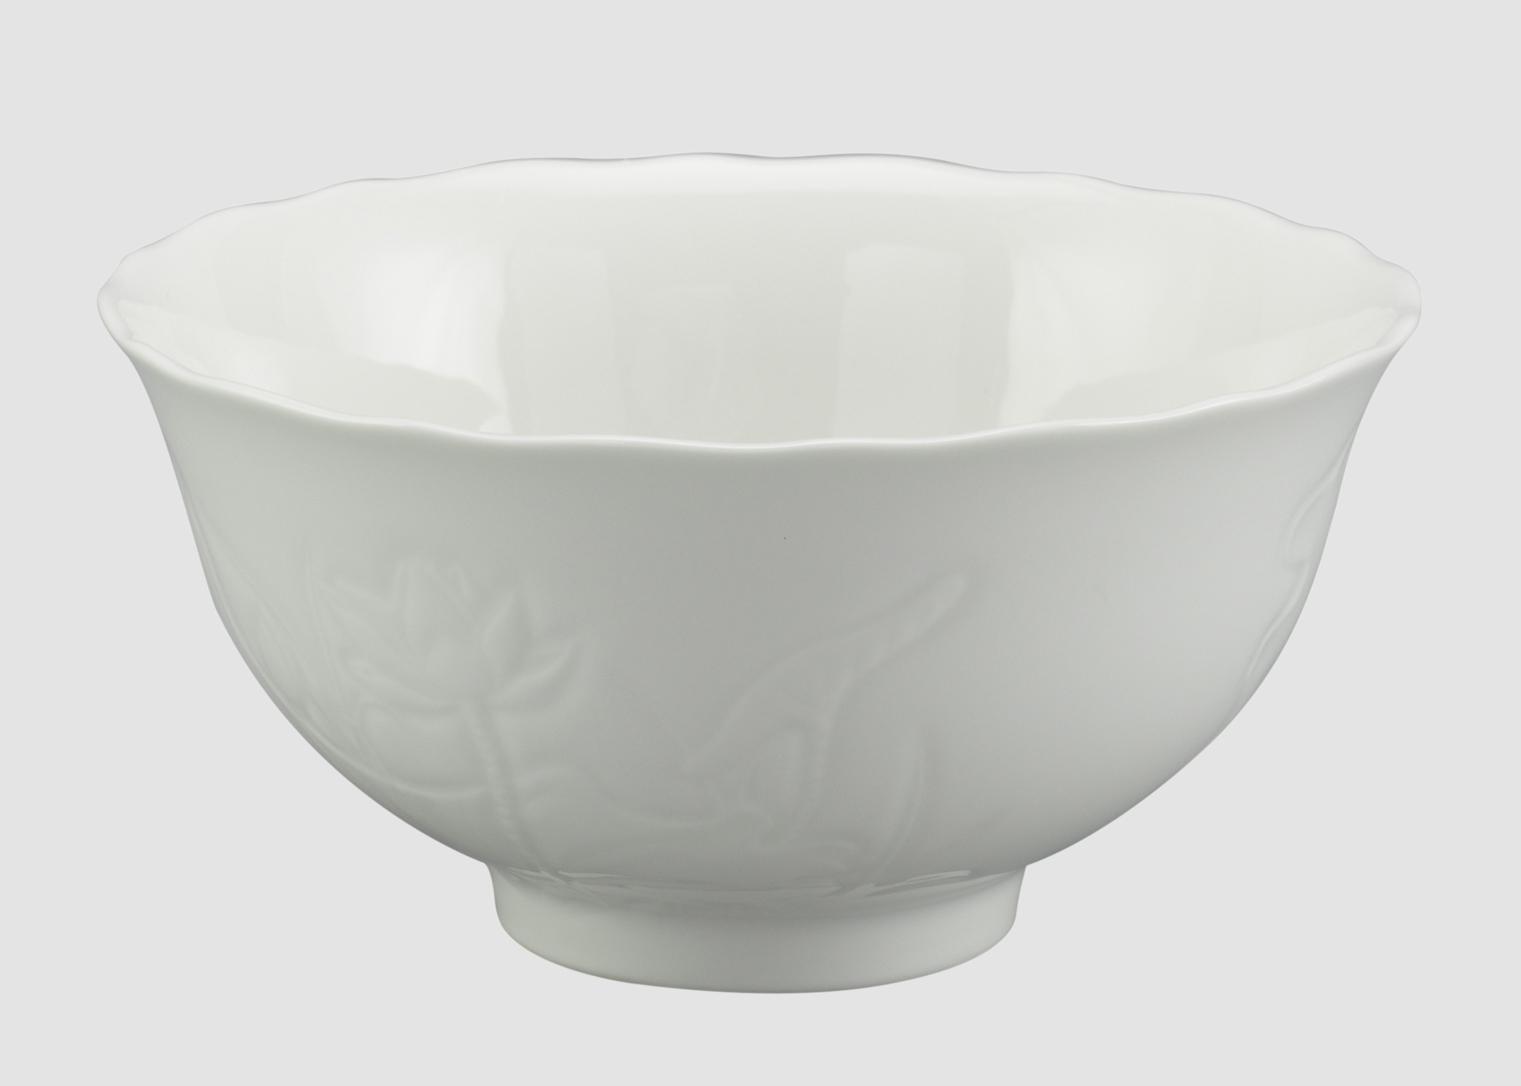 Tô 18cm Sen IFP Trắng Ngà 071898000 Minh Long